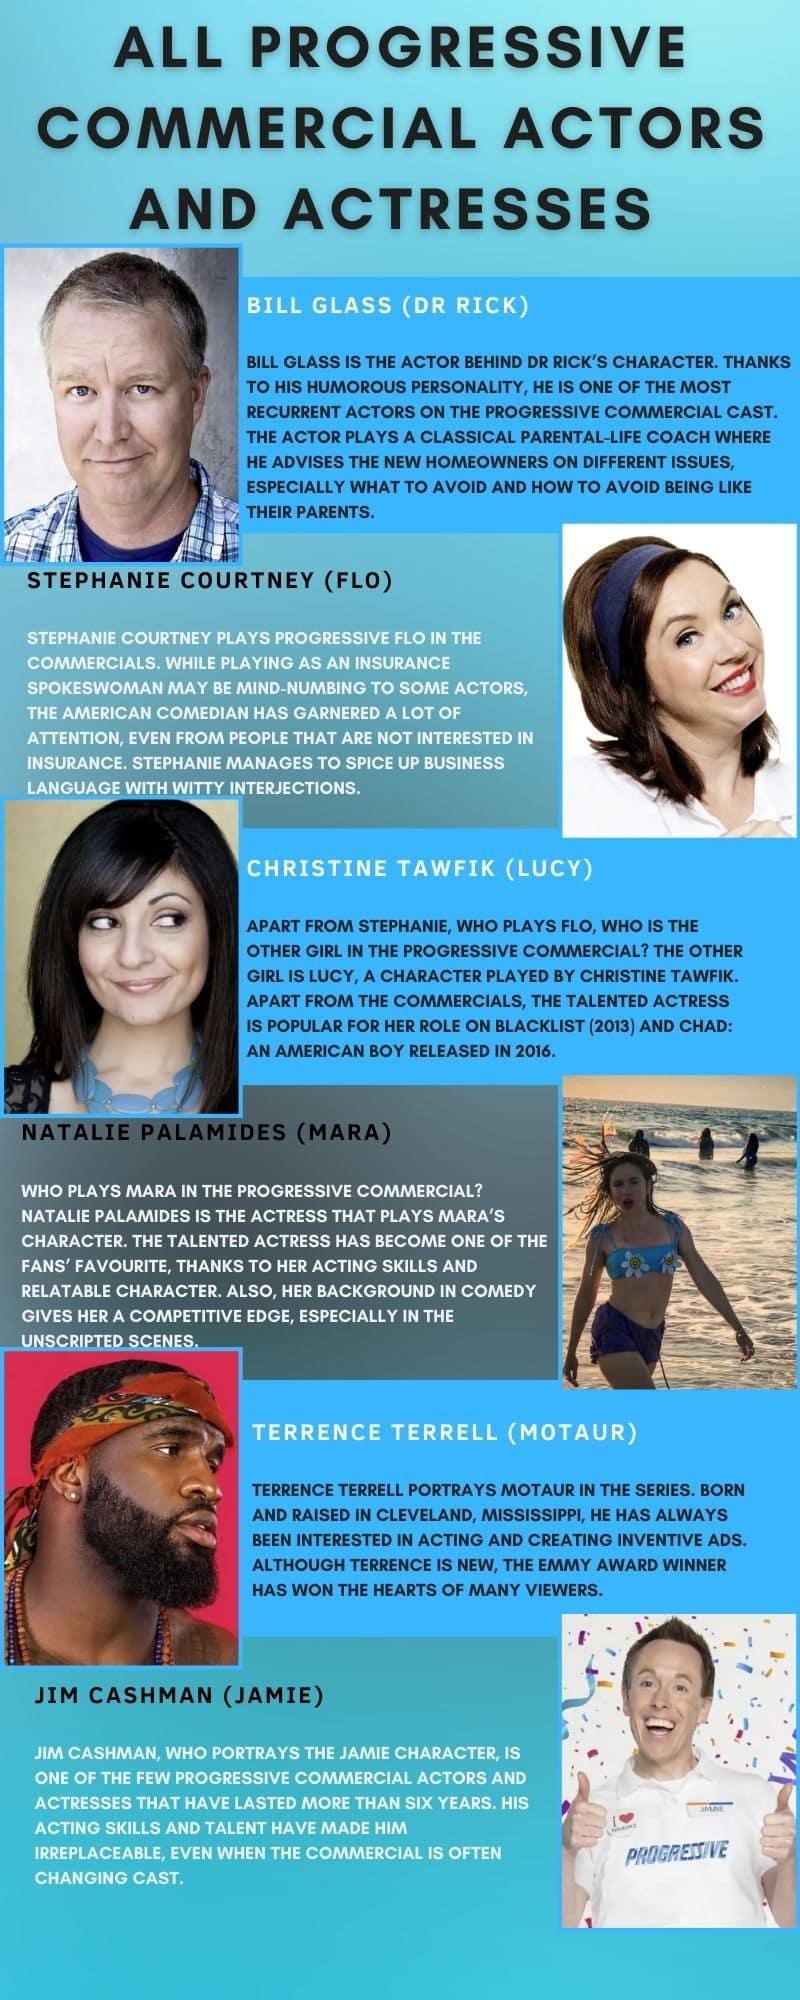 All Progressive commercial actors and actresses